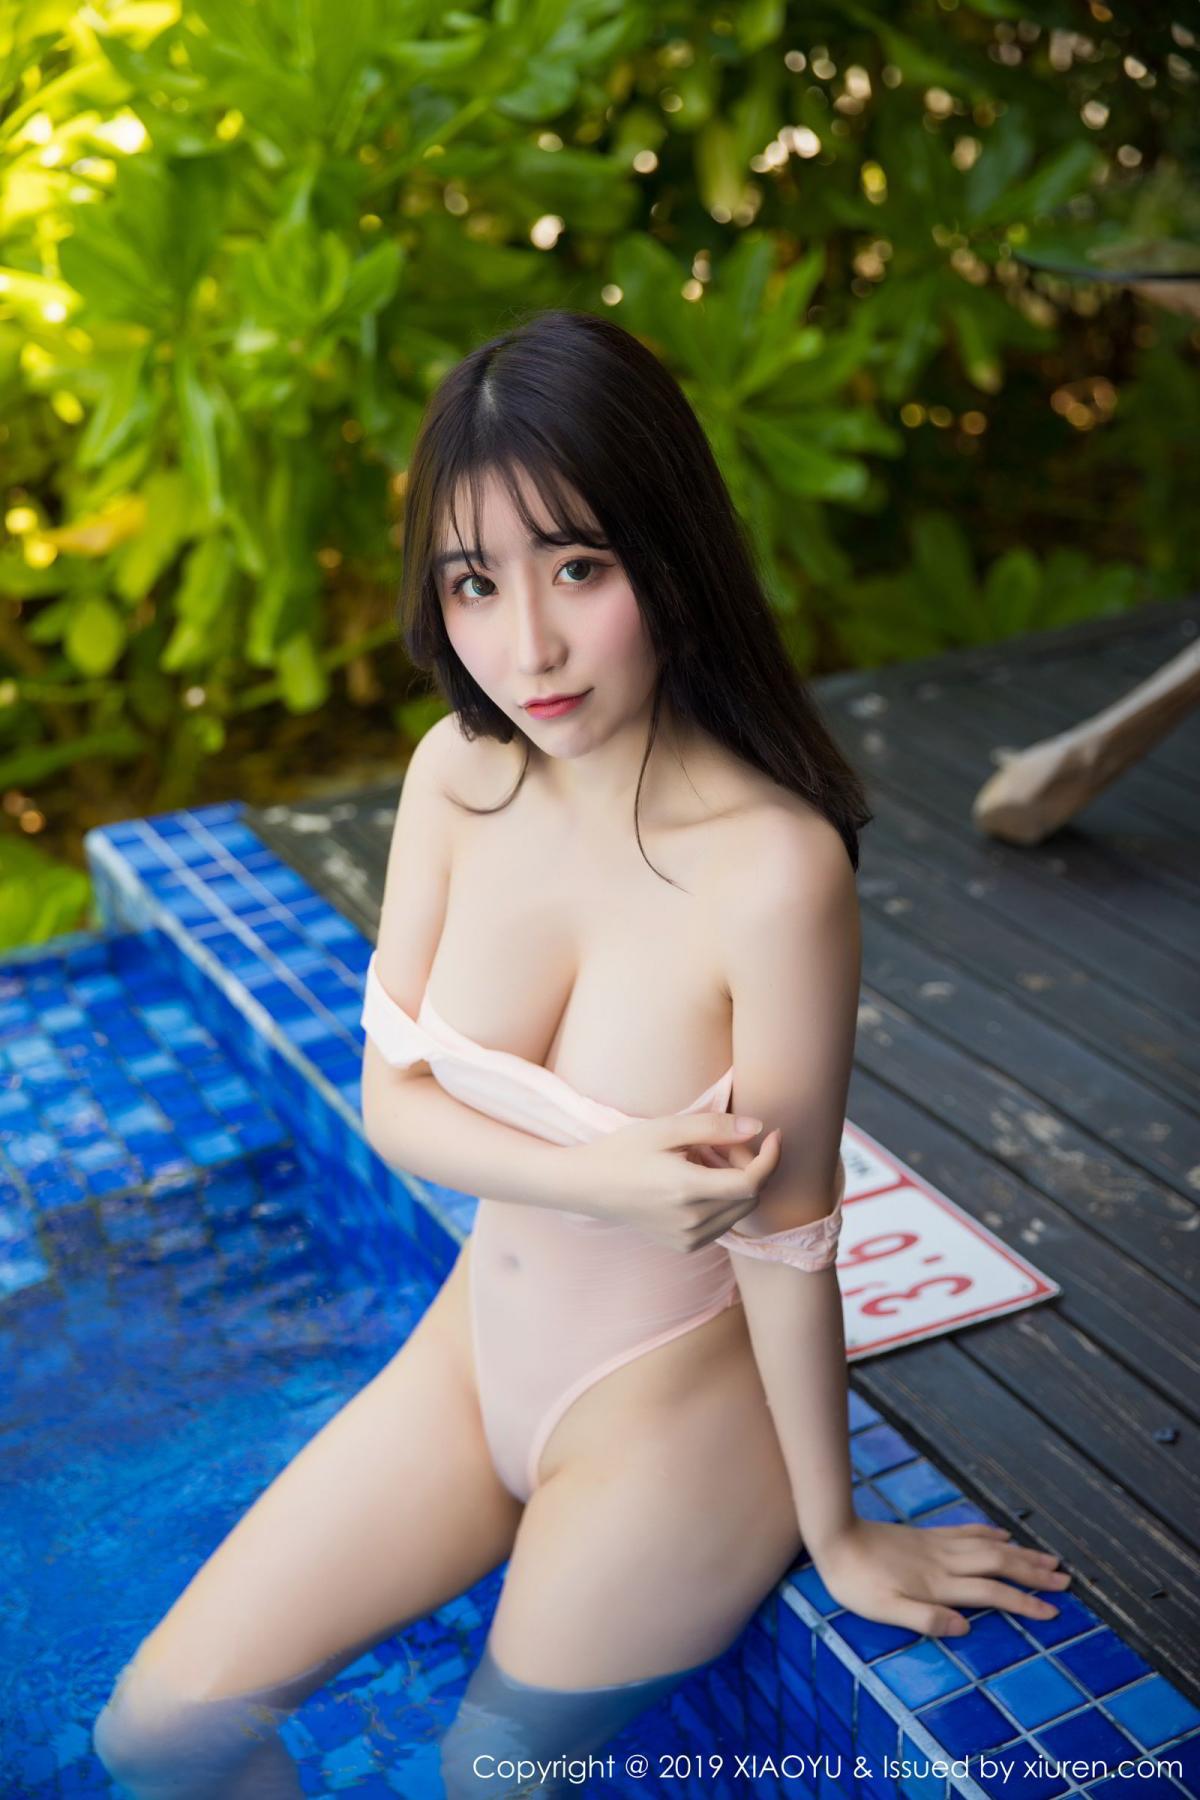 [XiaoYu] Vol.155 Xie Zhi Xin 40P, Bathroom, Big Booty, Wet, XiaoYu, Xie Zhi Xin